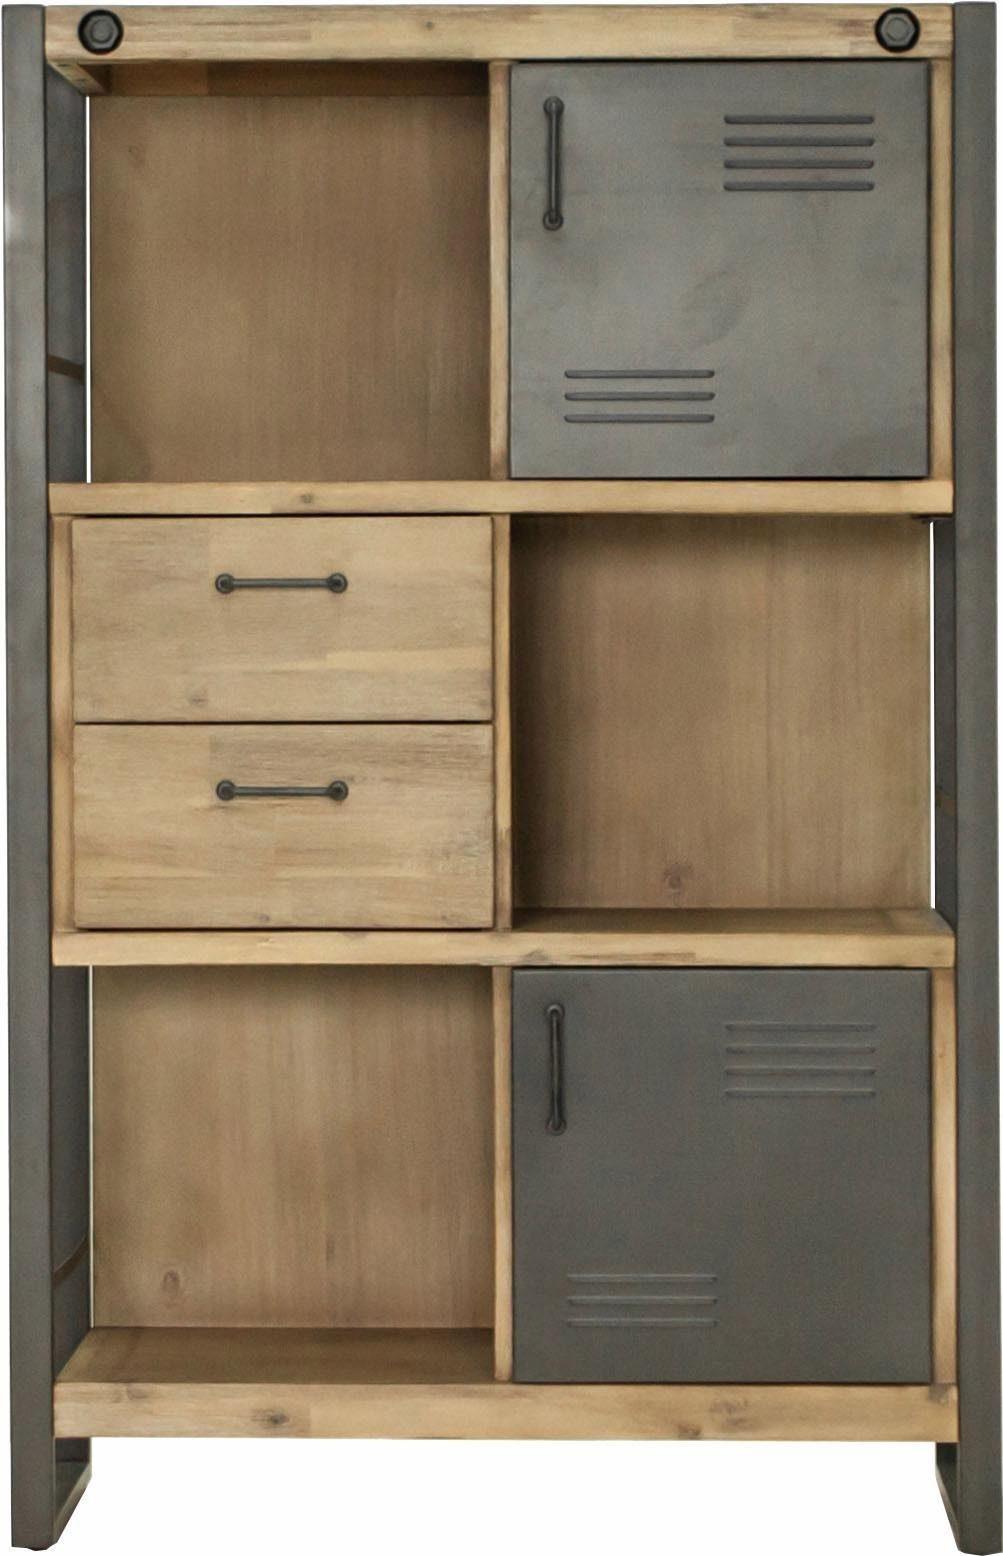 Quadrato Highboard »Mirage« mit Metallschrauben als Dekorationselement, im Industrial-Style, Breite 90 cm